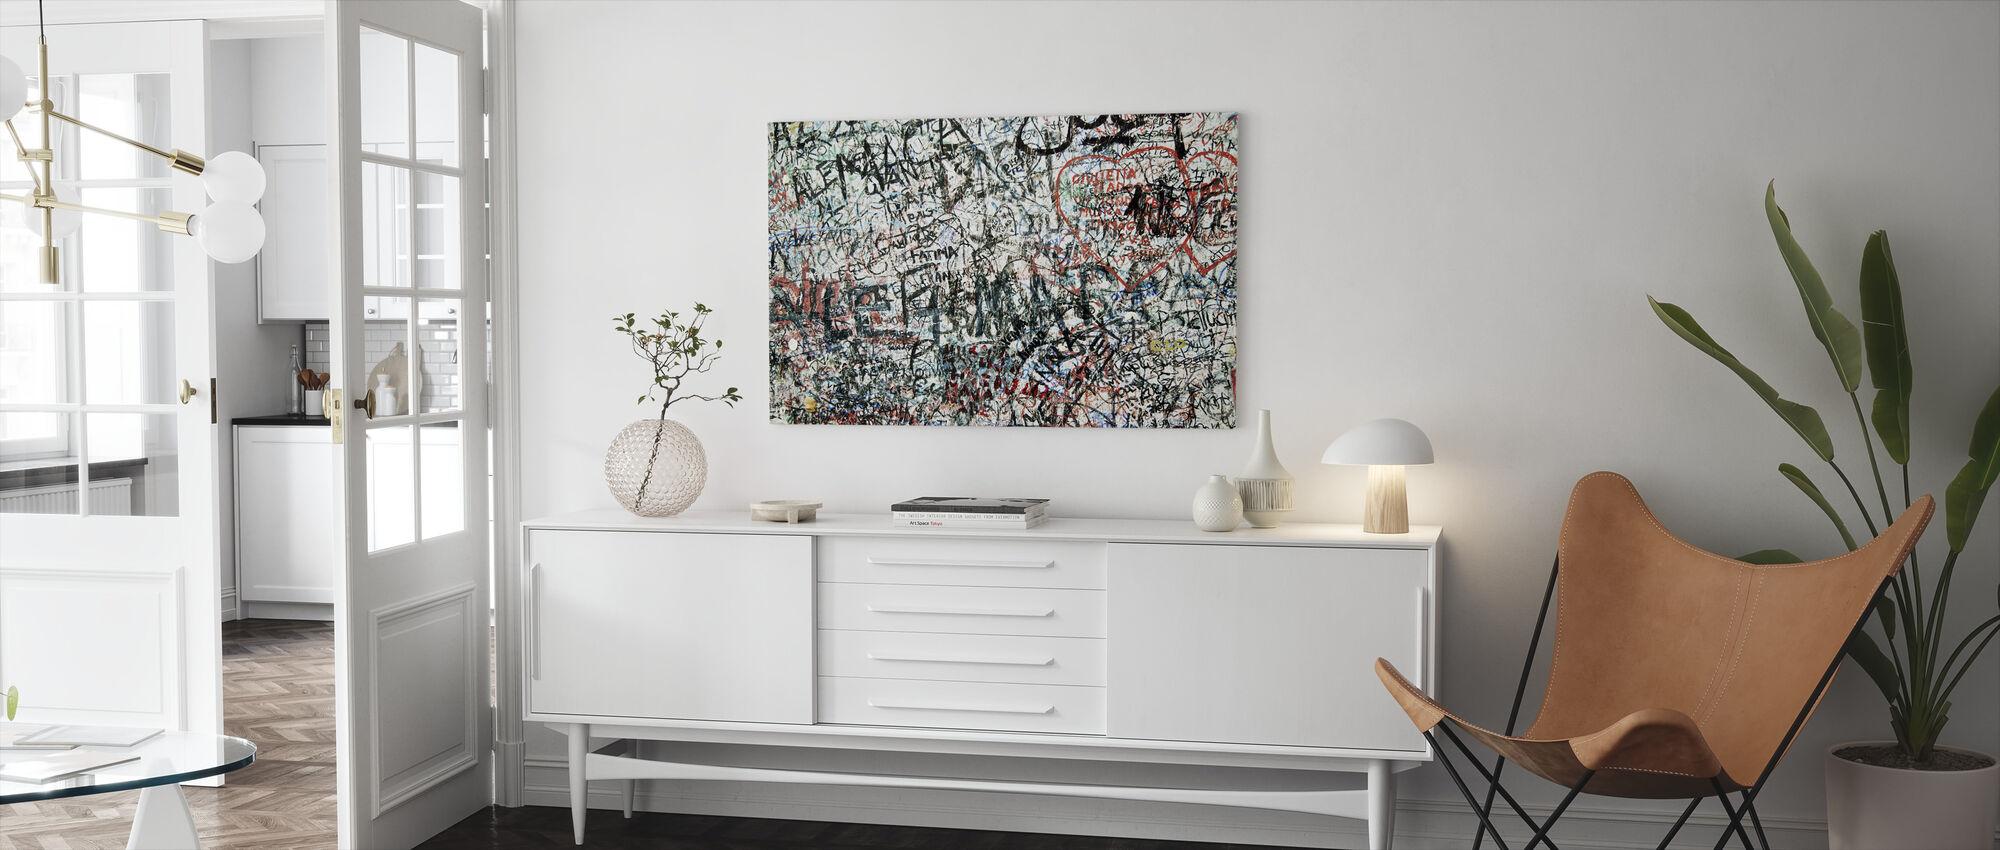 Liefhebbers muur - Canvas print - Woonkamer